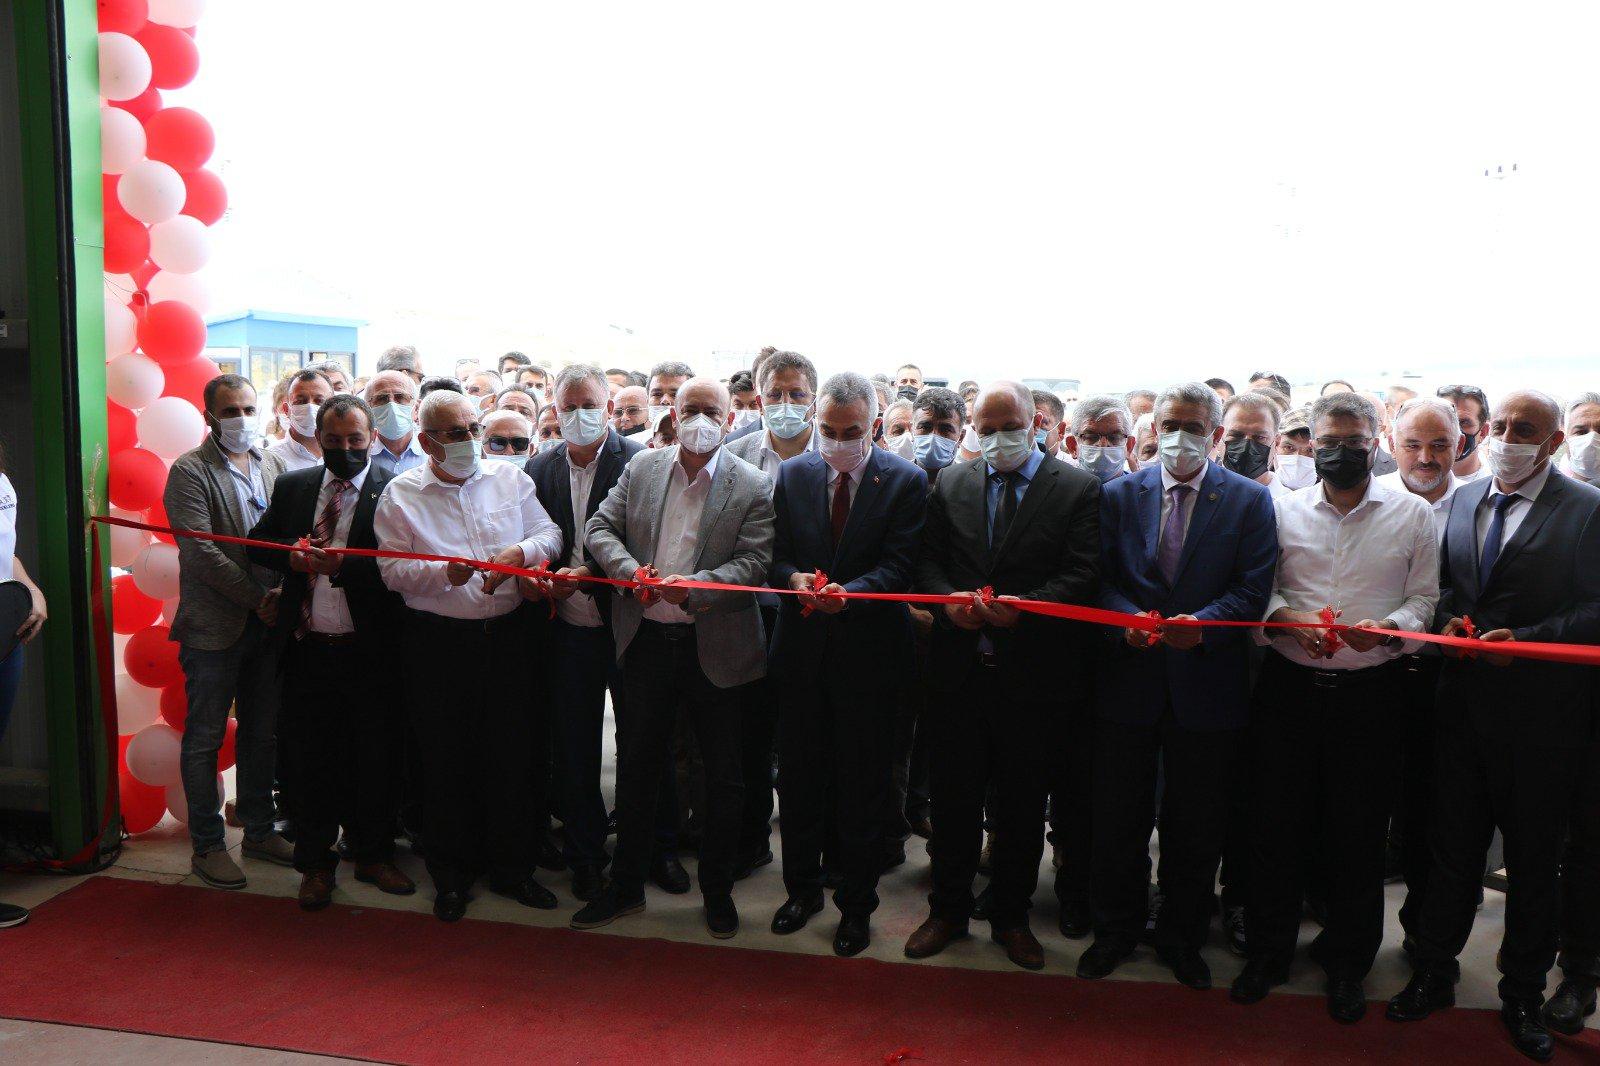 TOBB Yönetim Kurulu Üyesi ve Odamız Başkanı Hakan ÜLKEN, Odamız Yüksek İstişare Kurulu Üyesi Muhammet Demir'in Çine Organize Sanayi Bölgesinde bulunan Eysa Quartz Surfaces fabrika açılışına katıldı.